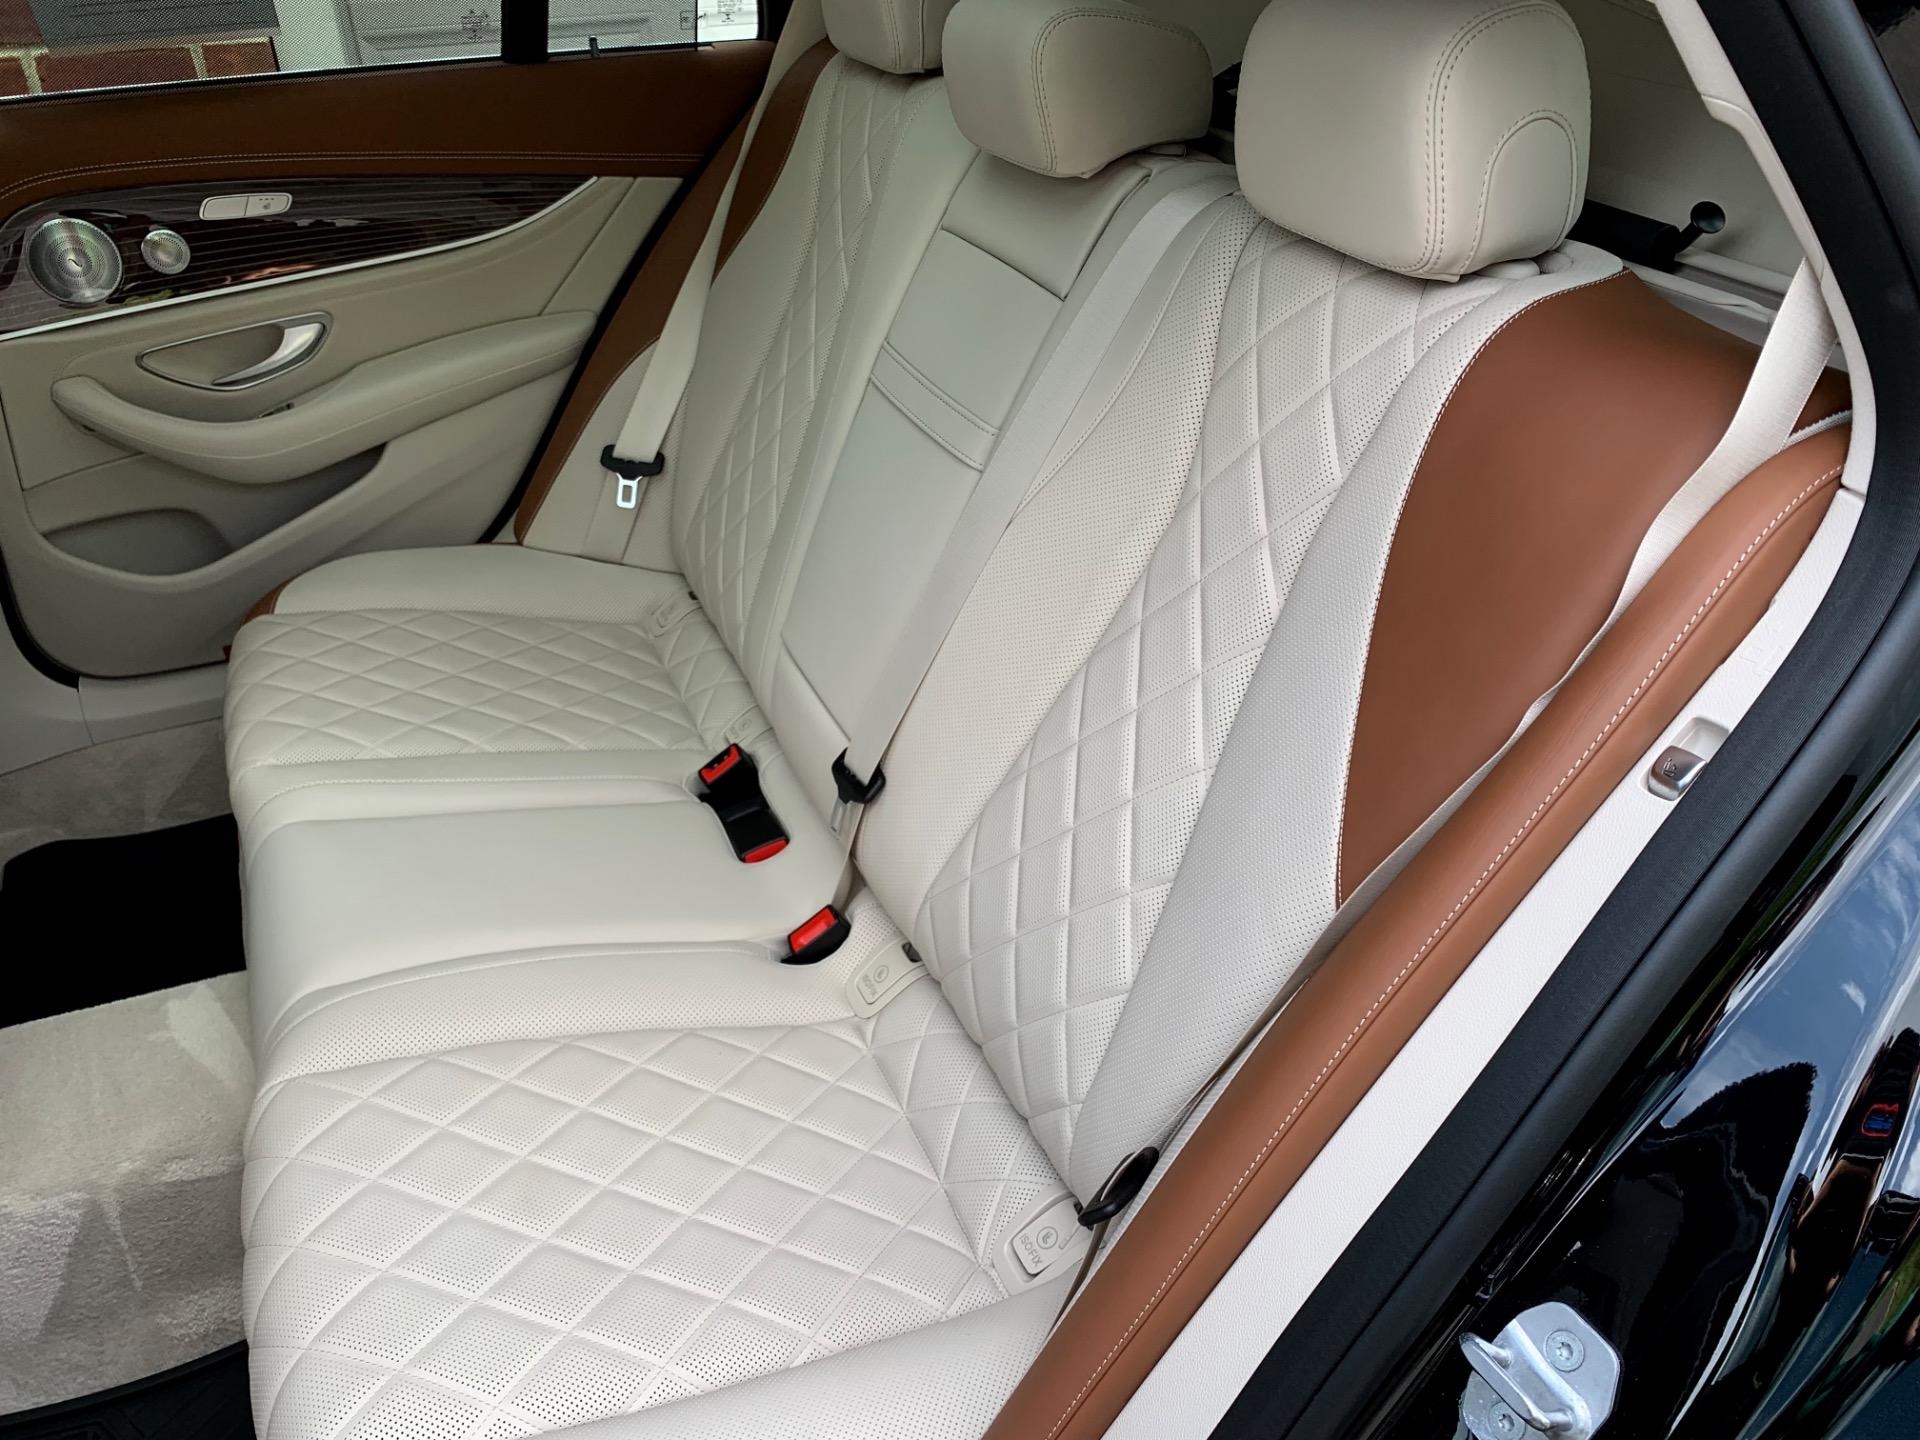 Used-2018-Mercedes-Benz-E-Class-E-400-4MATIC-Wagon